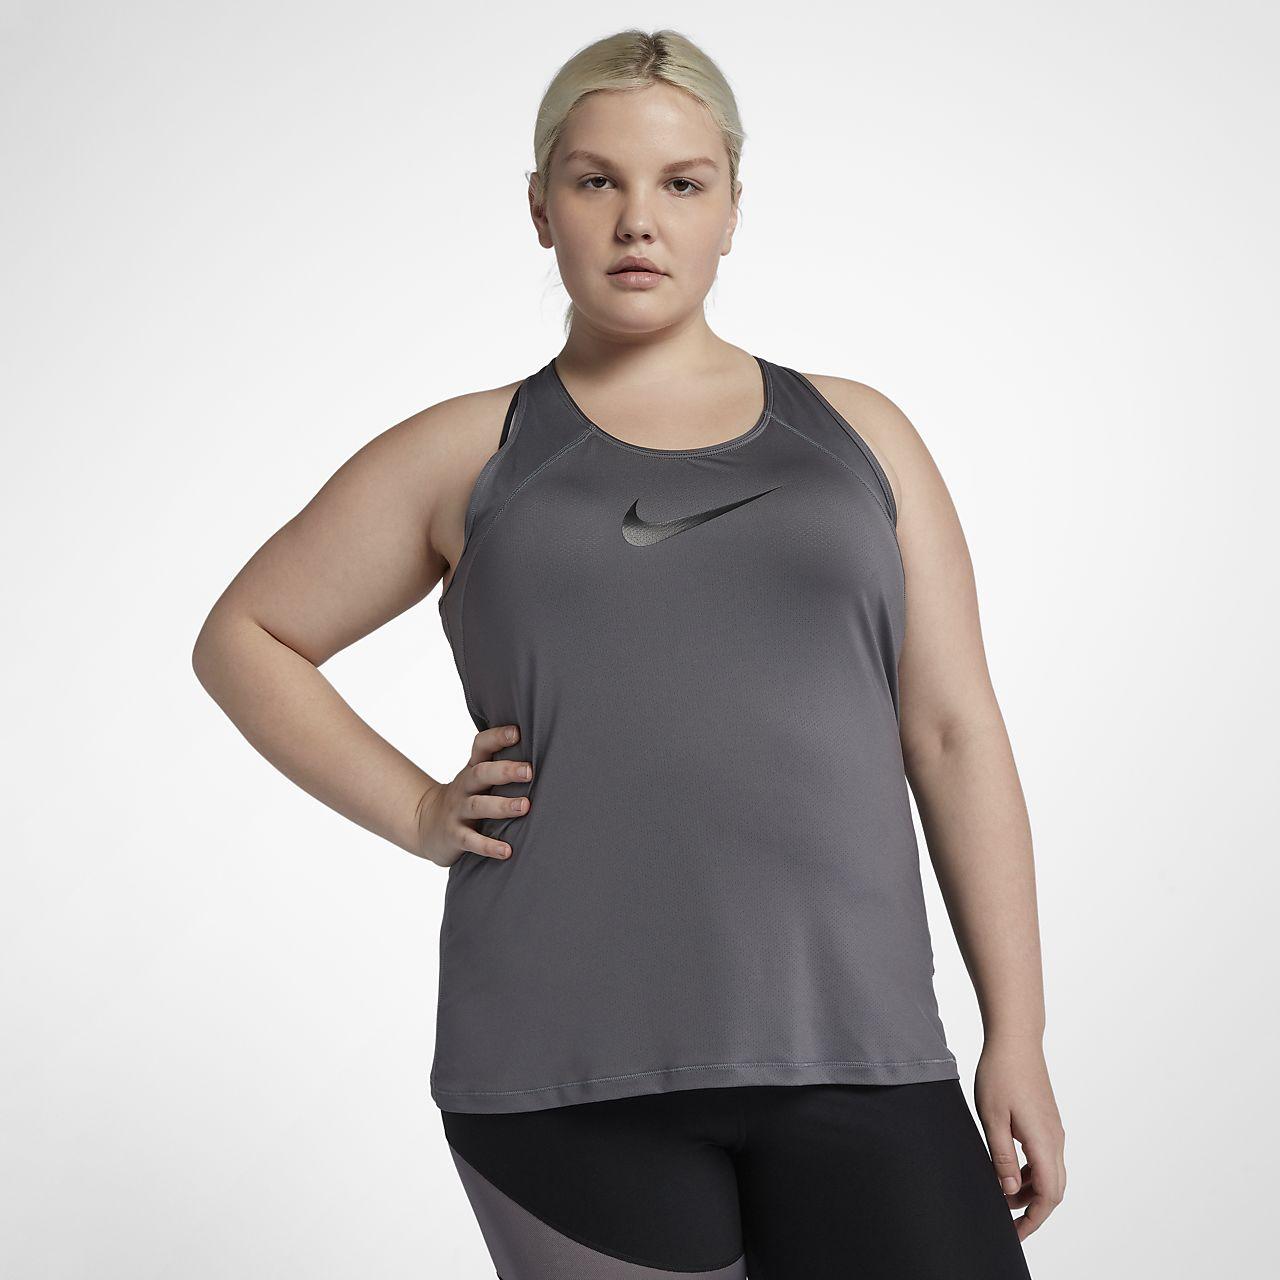 Nike Pro Camiseta de tirantes de entrenamiento (Talla grande) - Mujer